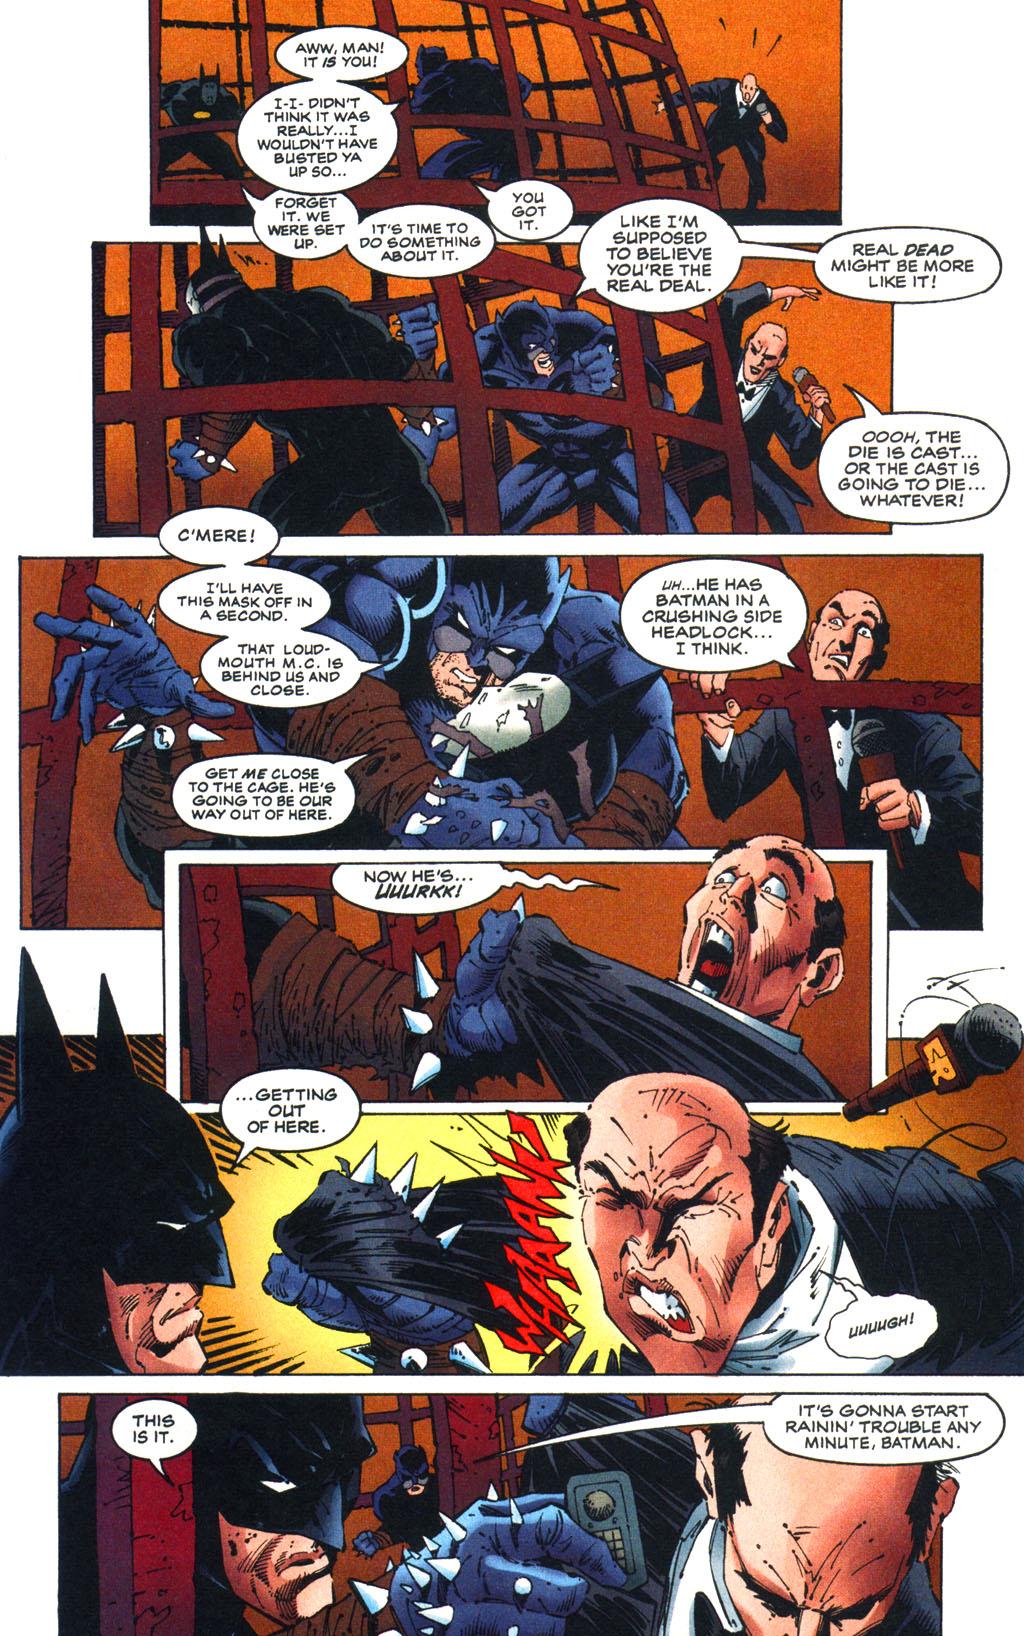 Read online Batman/Wildcat comic -  Issue #3 - 8